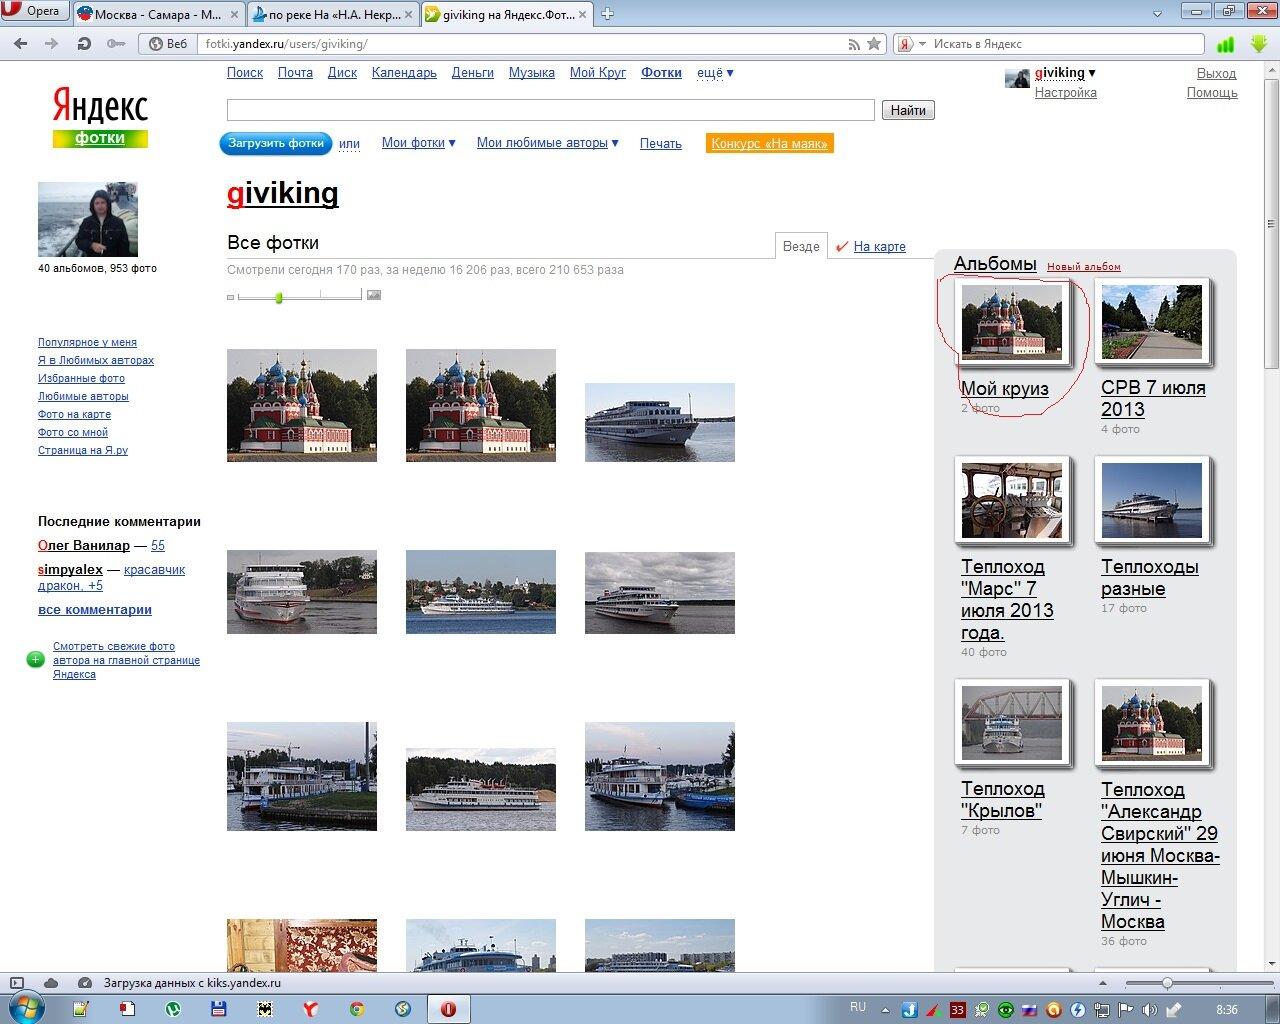 теряя посмотреть на каких сайтах выкладывали фото знать, каких